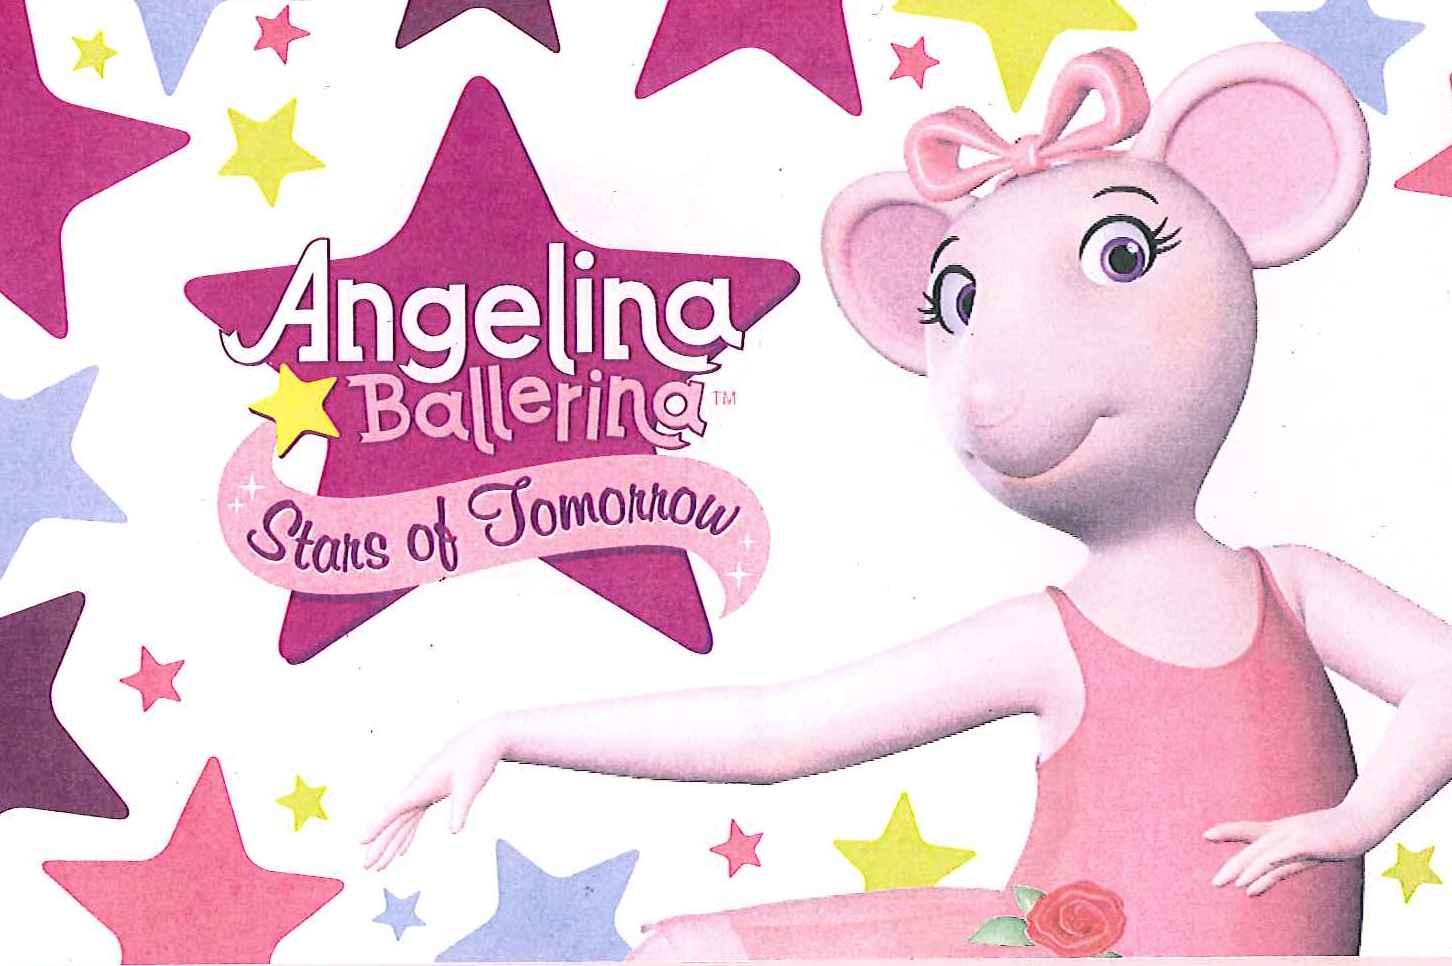 Amazing Angelina Balerina Pictures & Backgrounds